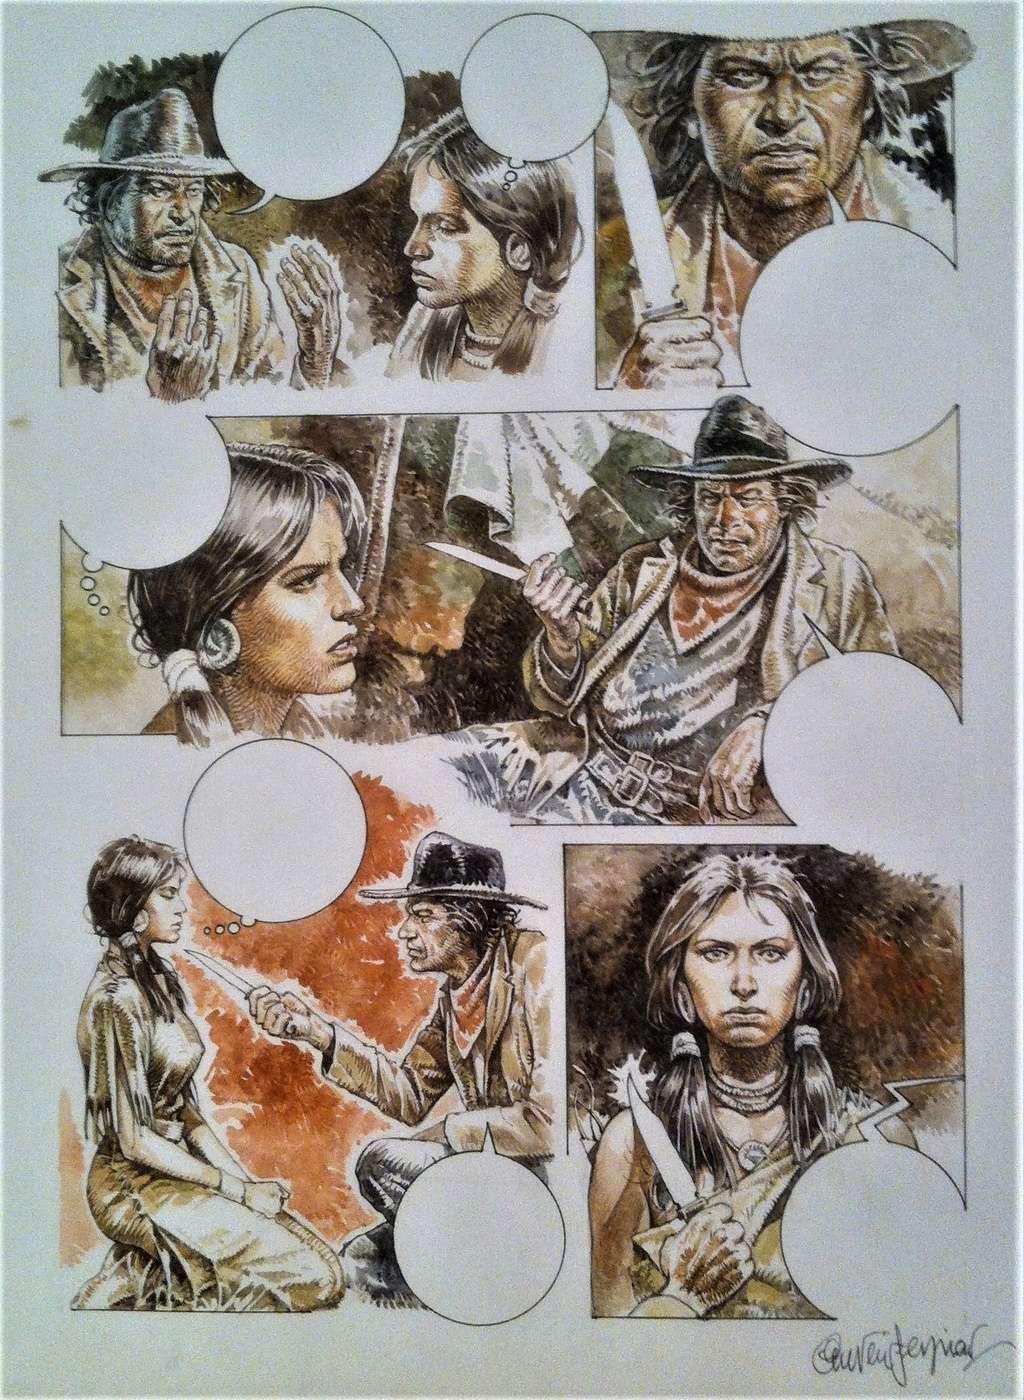 Le monde du western - Page 17 Serpie12